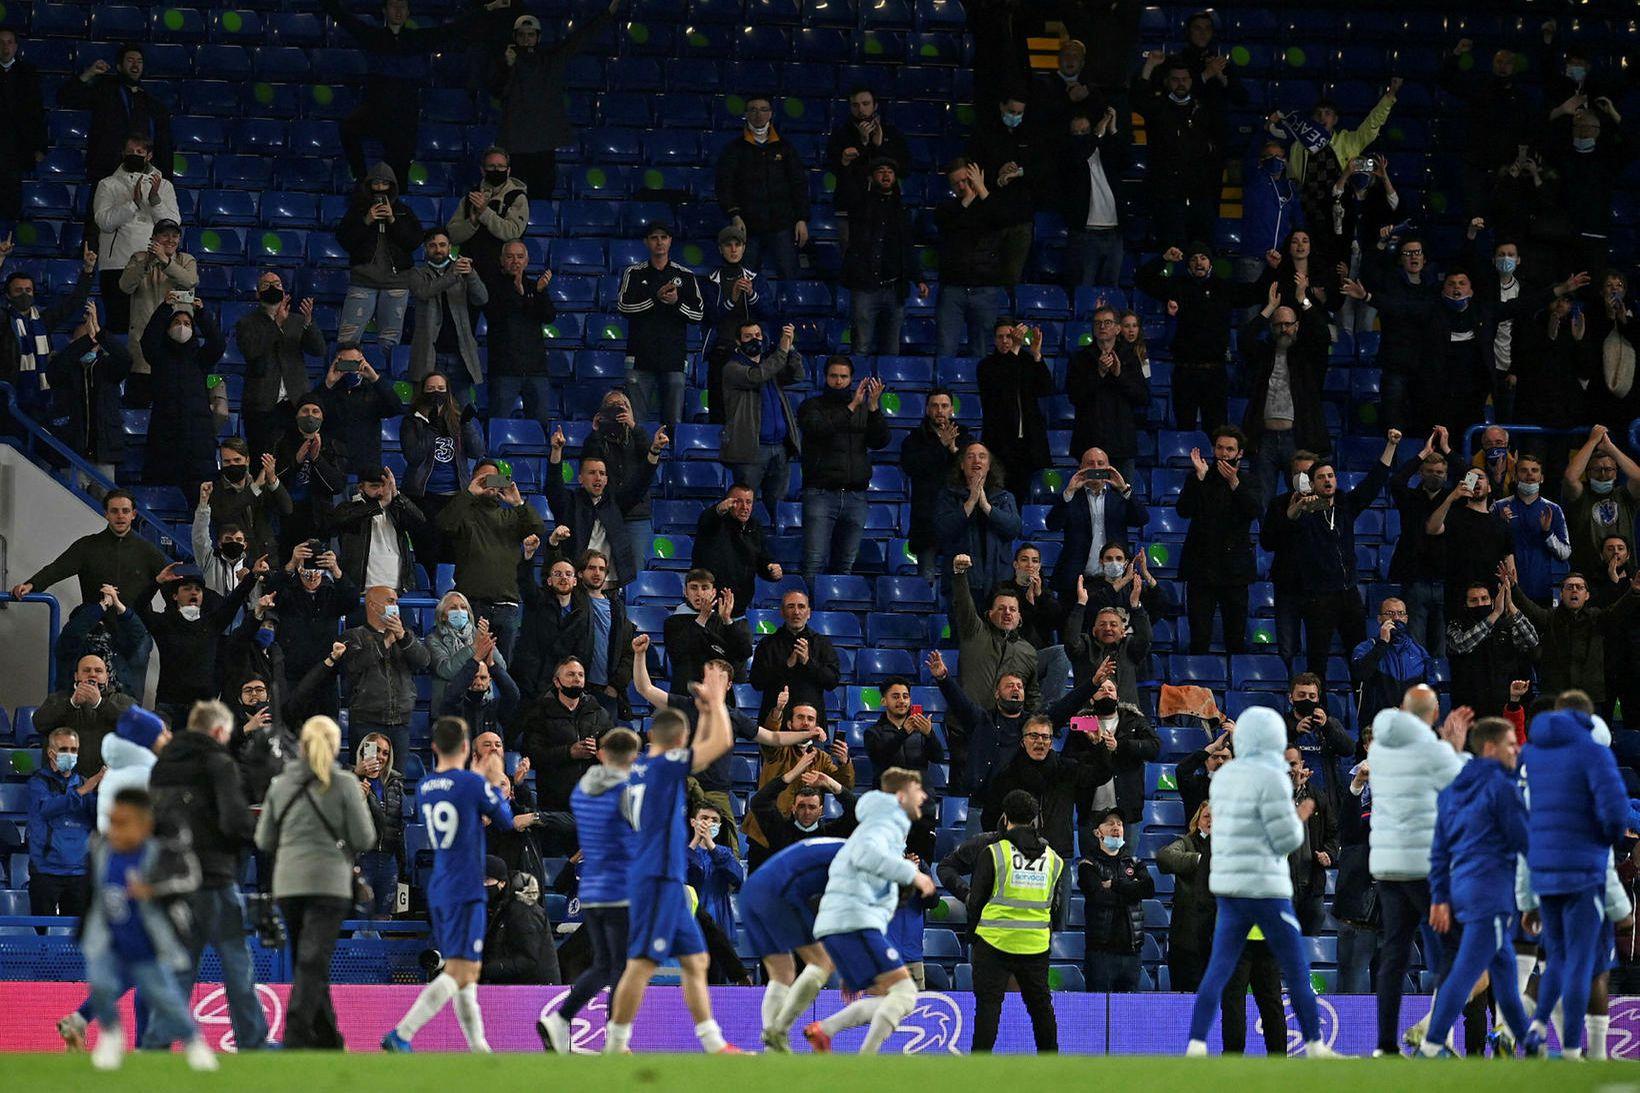 Áhorfendur fengu loksins að koma á Stamford Bridge og fögnuðu …